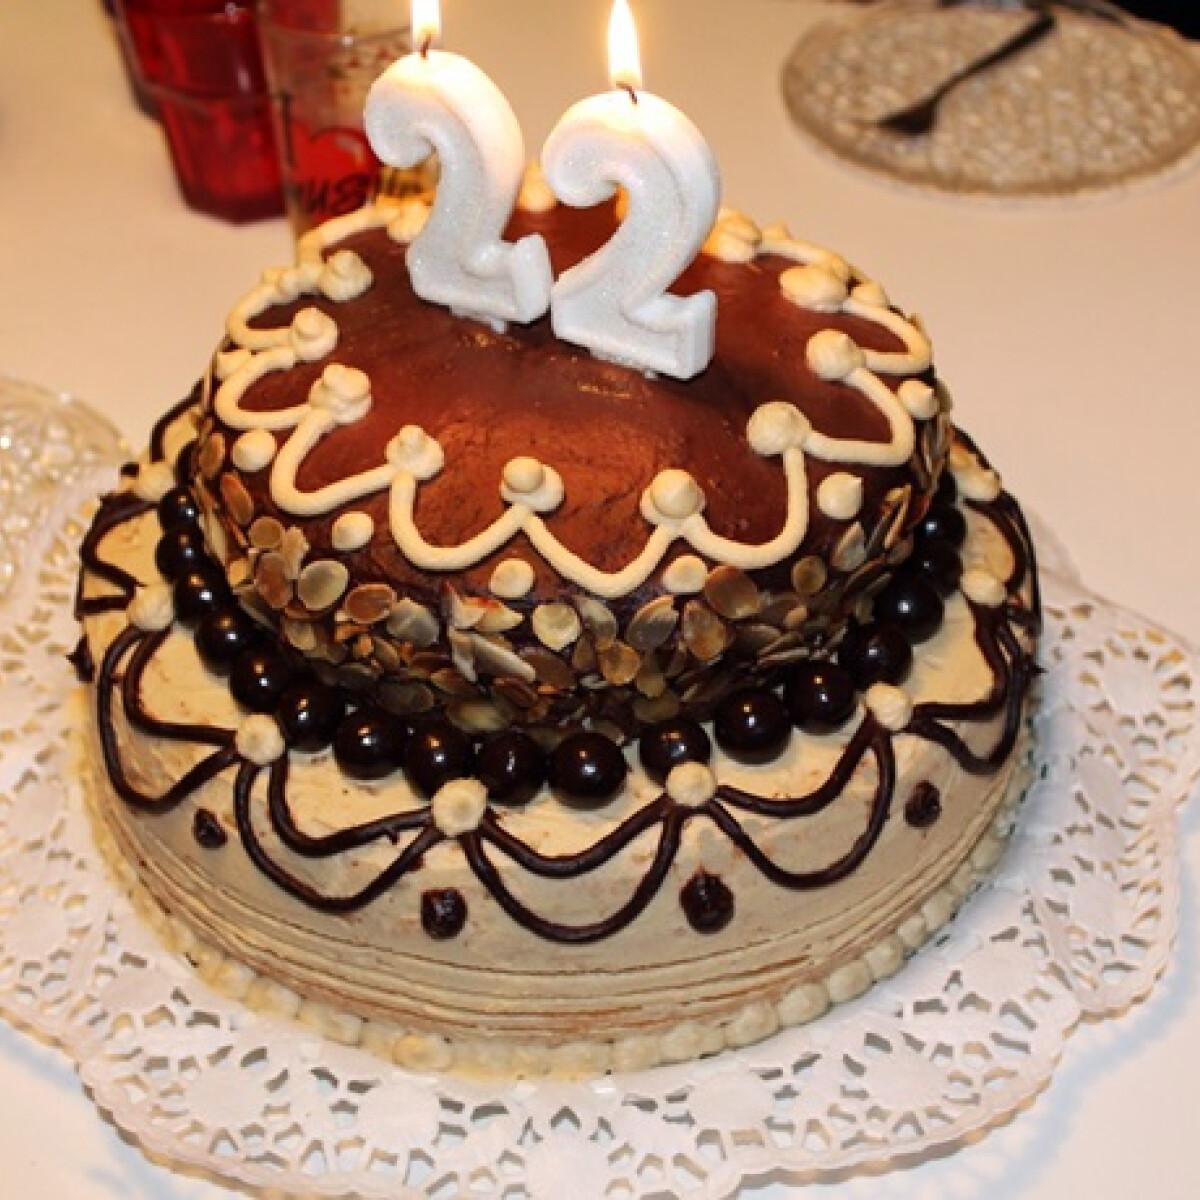 Mogyorós-csokoládés emeletes torta Iluskától